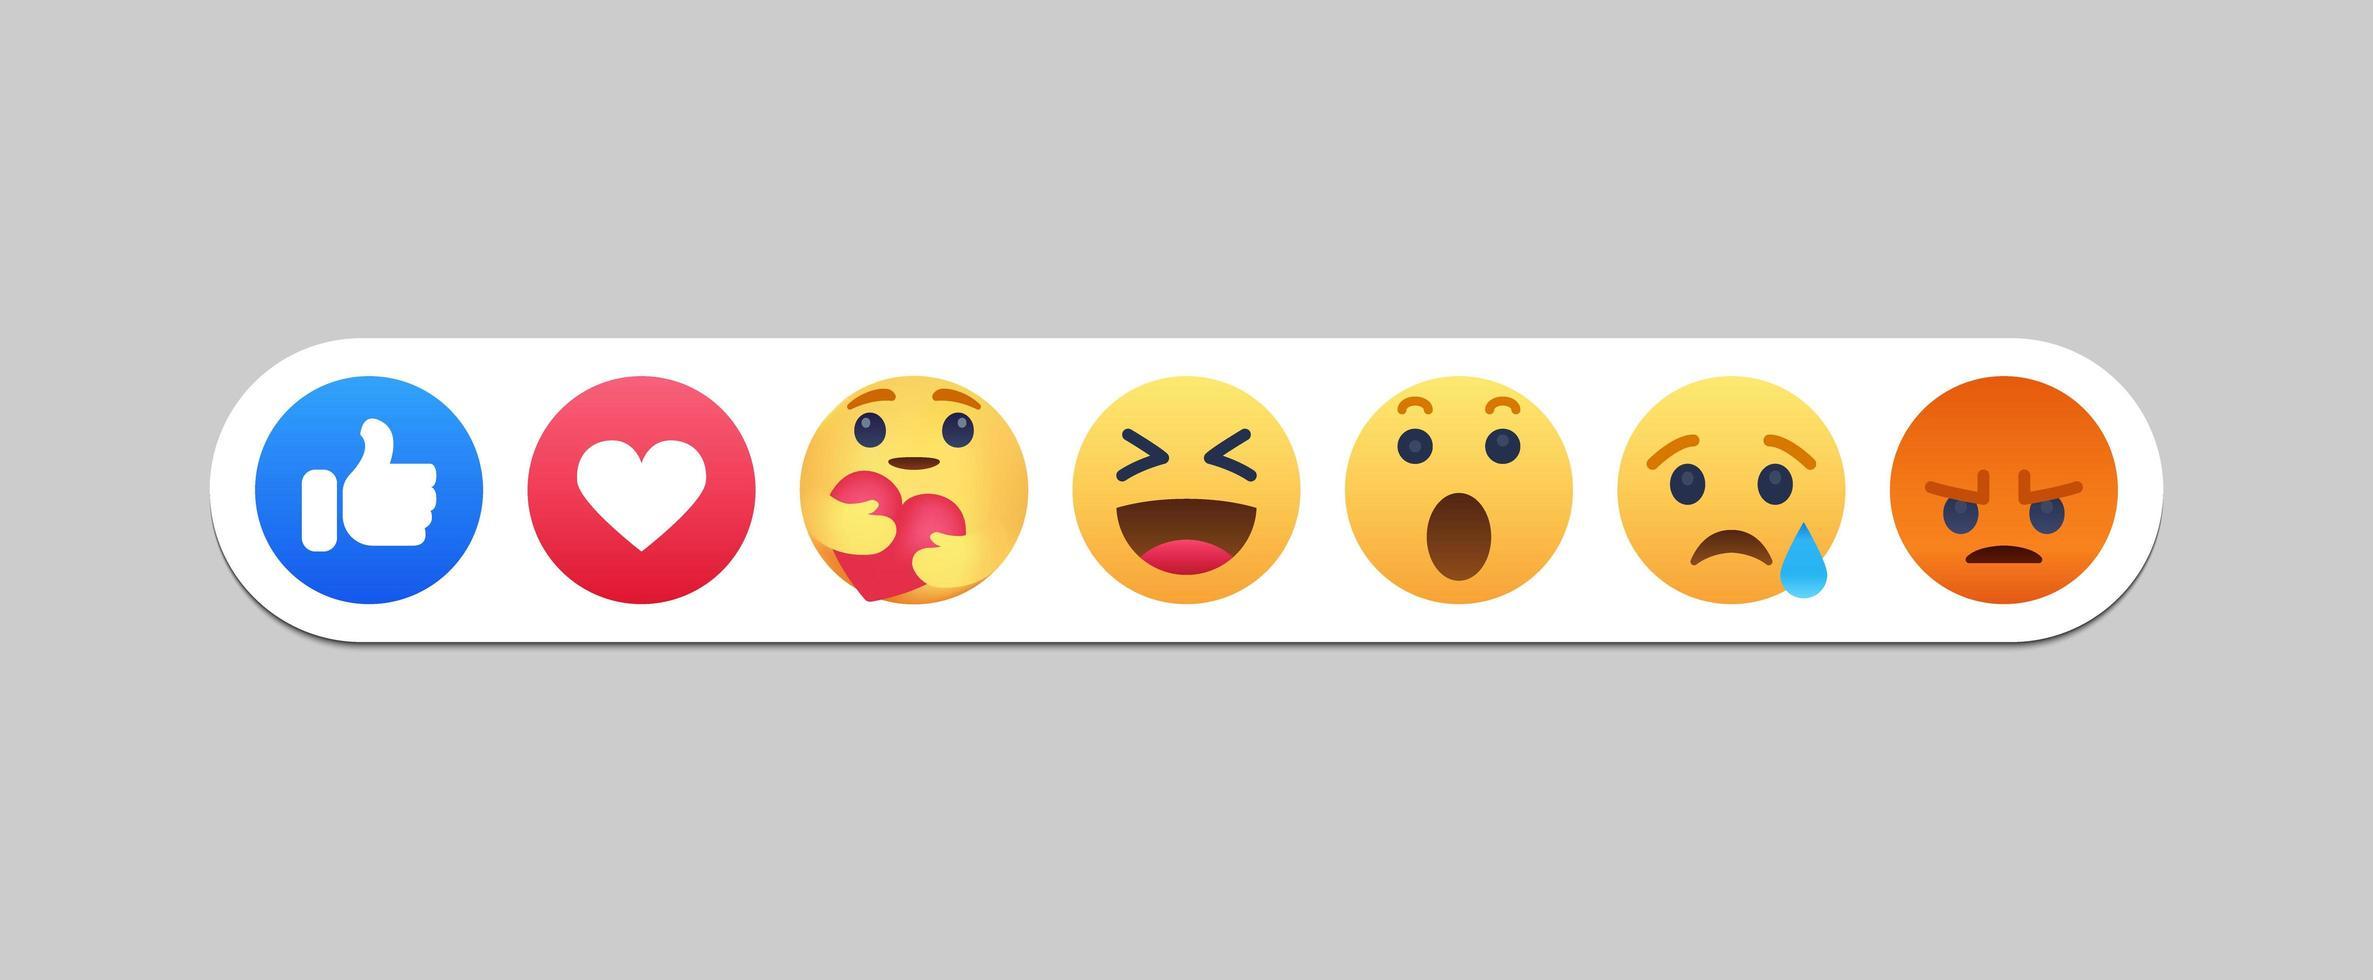 ícones de reações de redes sociais emoji vetor